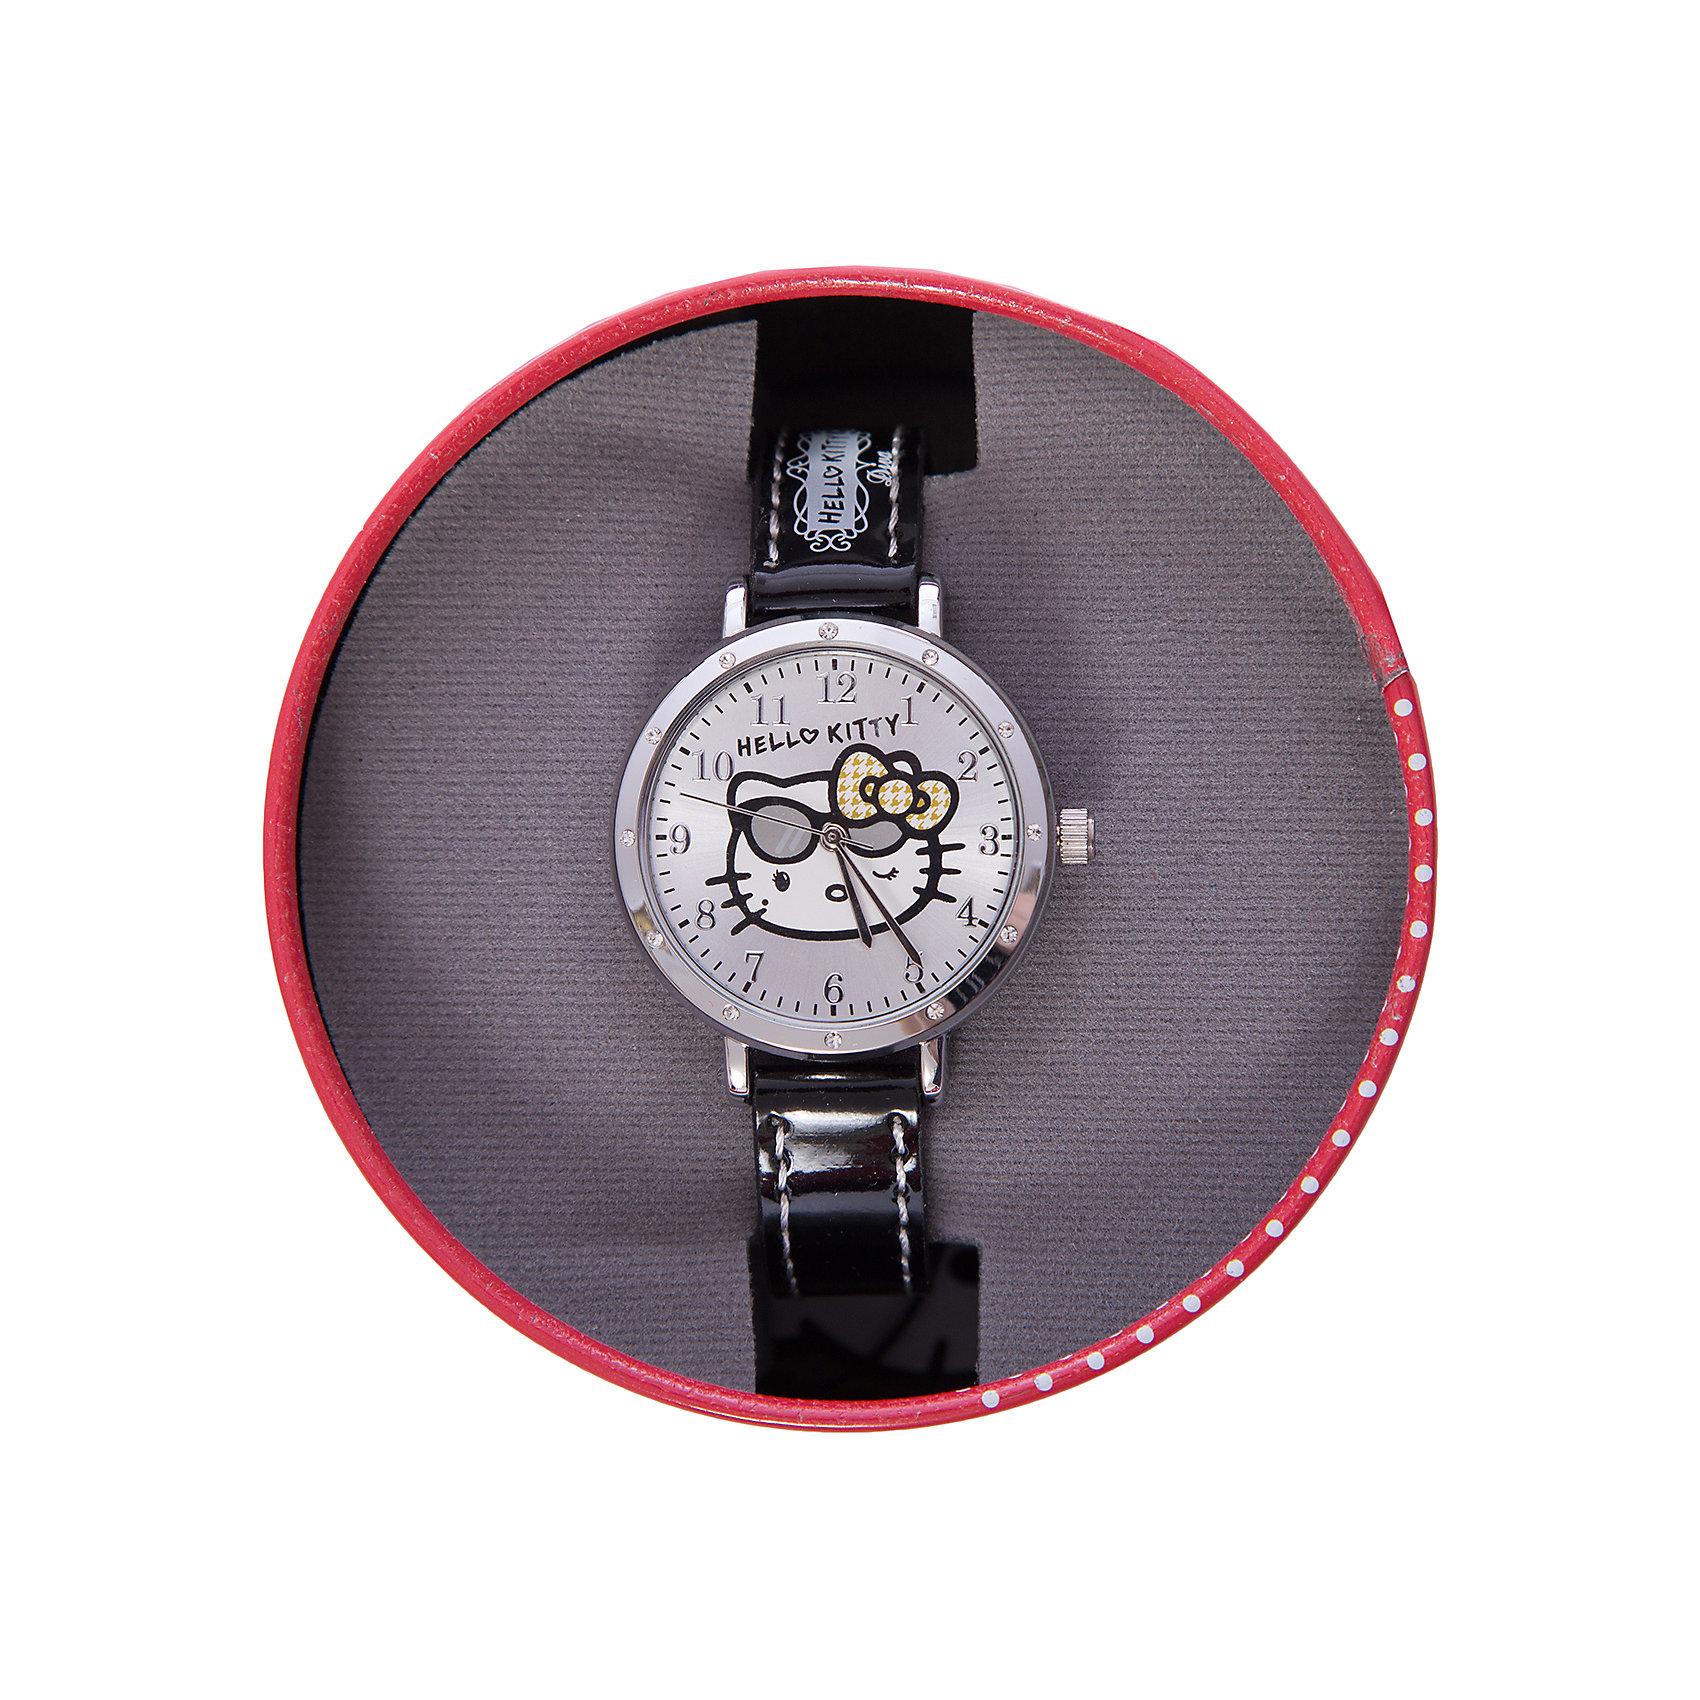 Часы наручные аналоговые, Hello KittyЭксклюзивные наручные аналоговые часы торговой марки Hello Kitty выполнены по индивидуальному дизайну ООО «Детское Время» и лицензии компании Sanrio. Обилие деталей - декоративных элементов (страз, мерцающих ремешков), надписей,  уникальных изображений - делают изделие тщательно продуманным творением мастеров. Часы имеют высококачественный японский кварцевый механизм и отличаются надежностью и точностью хода. Часы водоустойчивы и обладают достаточной герметичностью, чтобы спокойно перенести случайный и незначительный контакт с жидкостями (дождь, брызги), но они не предназначены для плавания или погружения в воду. Циферблат защищен от повреждений прочным минеральным стеклом. Корпус часов выполнен из стали,  задняя крышка из нержавеющей стали. Материал браслета: искусственная кожа. Единица товара упаковывается в стильную подарочную коробочку. Неповторимый стиль с изобилием насыщенных и в тоже время нежных гамм; надежность и прочность изделия позволяют говорить о нем только в превосходной степени!<br><br>Ширина мм: 55<br>Глубина мм: 10<br>Высота мм: 250<br>Вес г: 27<br>Возраст от месяцев: 36<br>Возраст до месяцев: 72<br>Пол: Женский<br>Возраст: Детский<br>SKU: 5529331